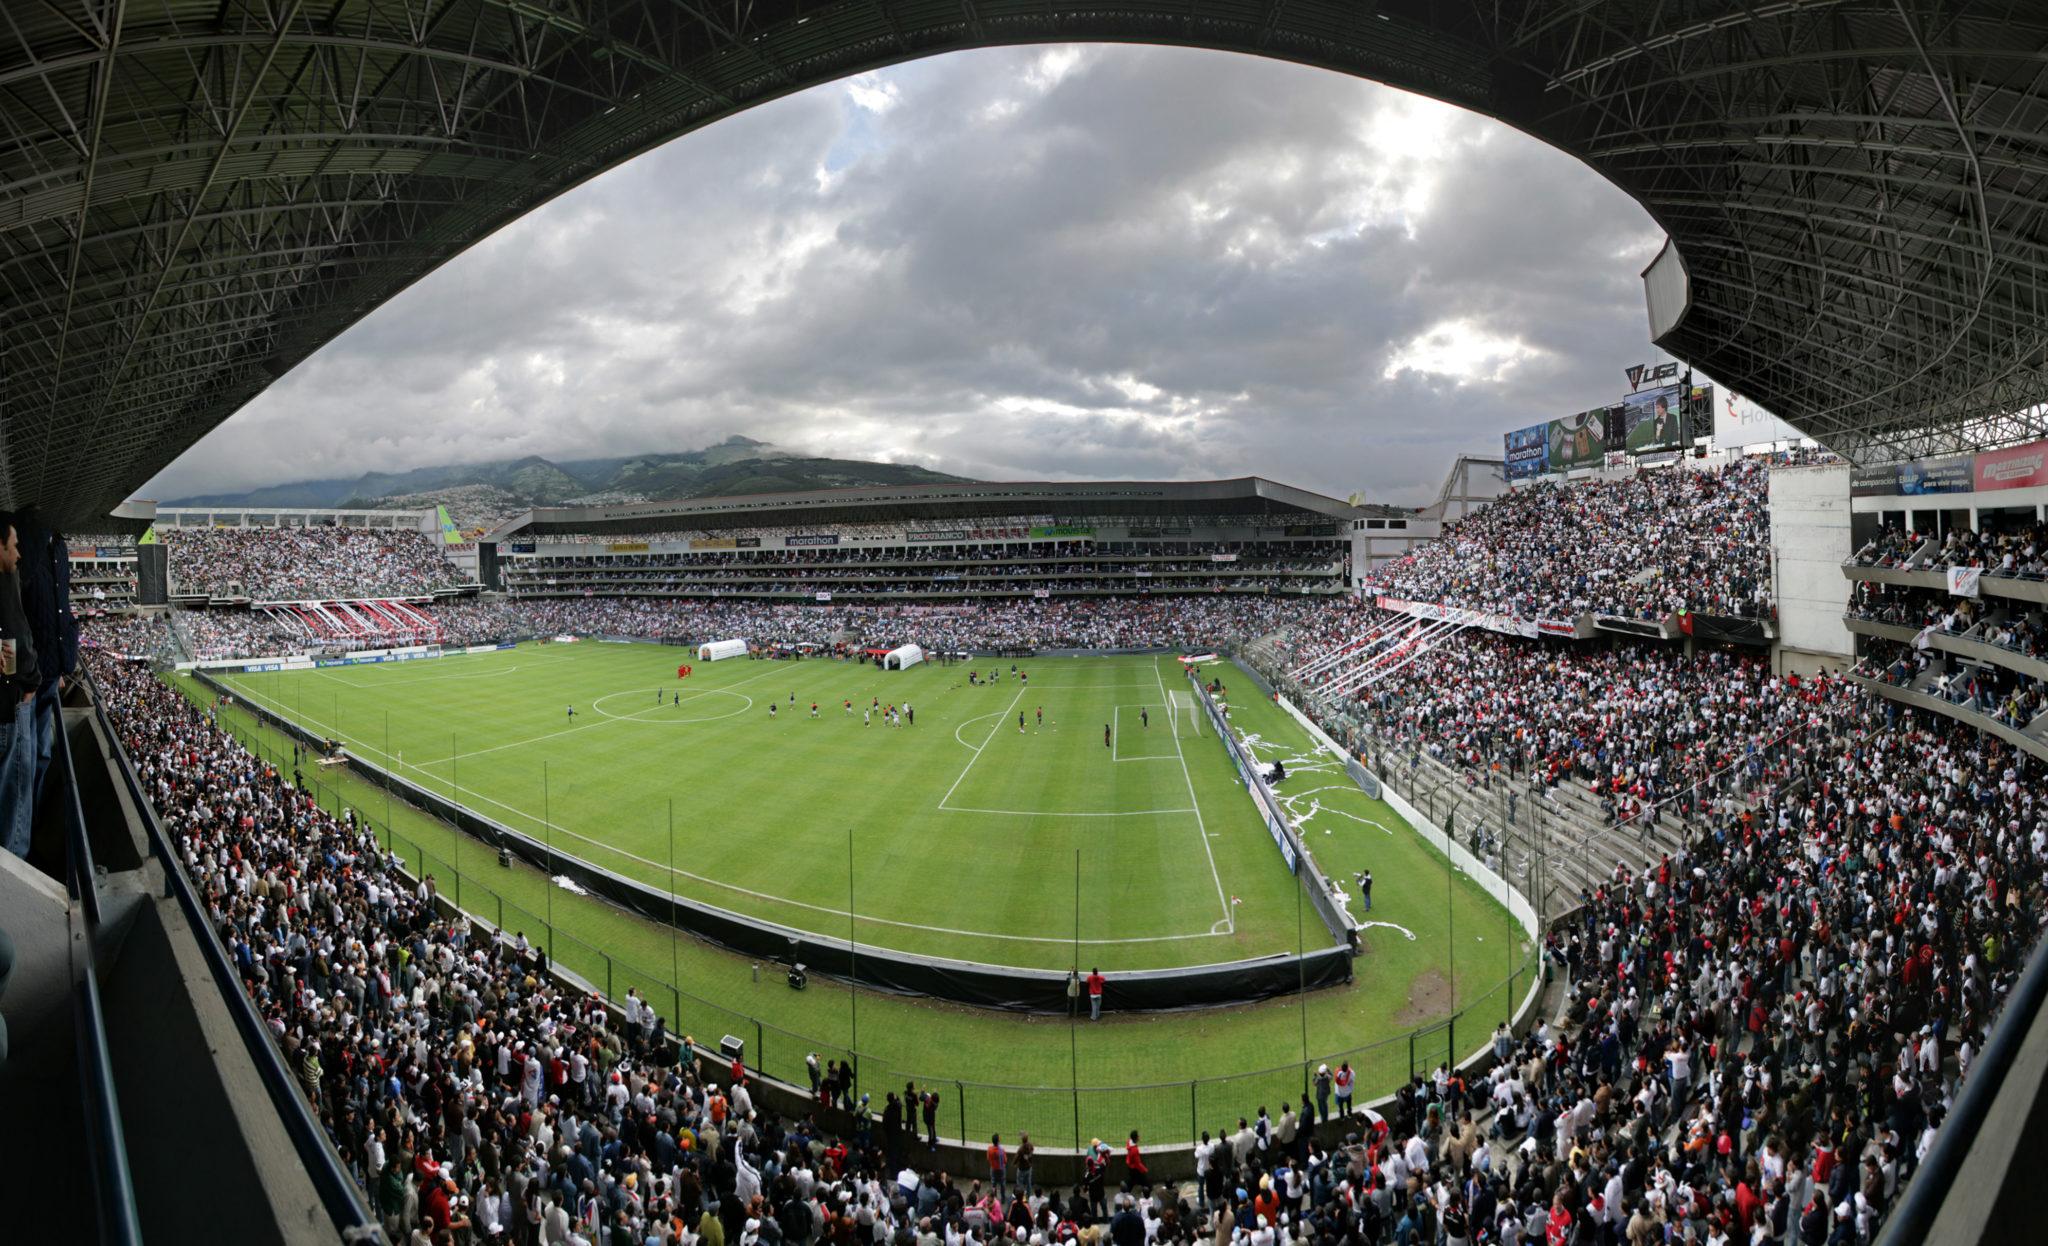 La Casa Blanca, el estadio de Liga de Quito. Uno de los estadios más grandes de Ecuador.